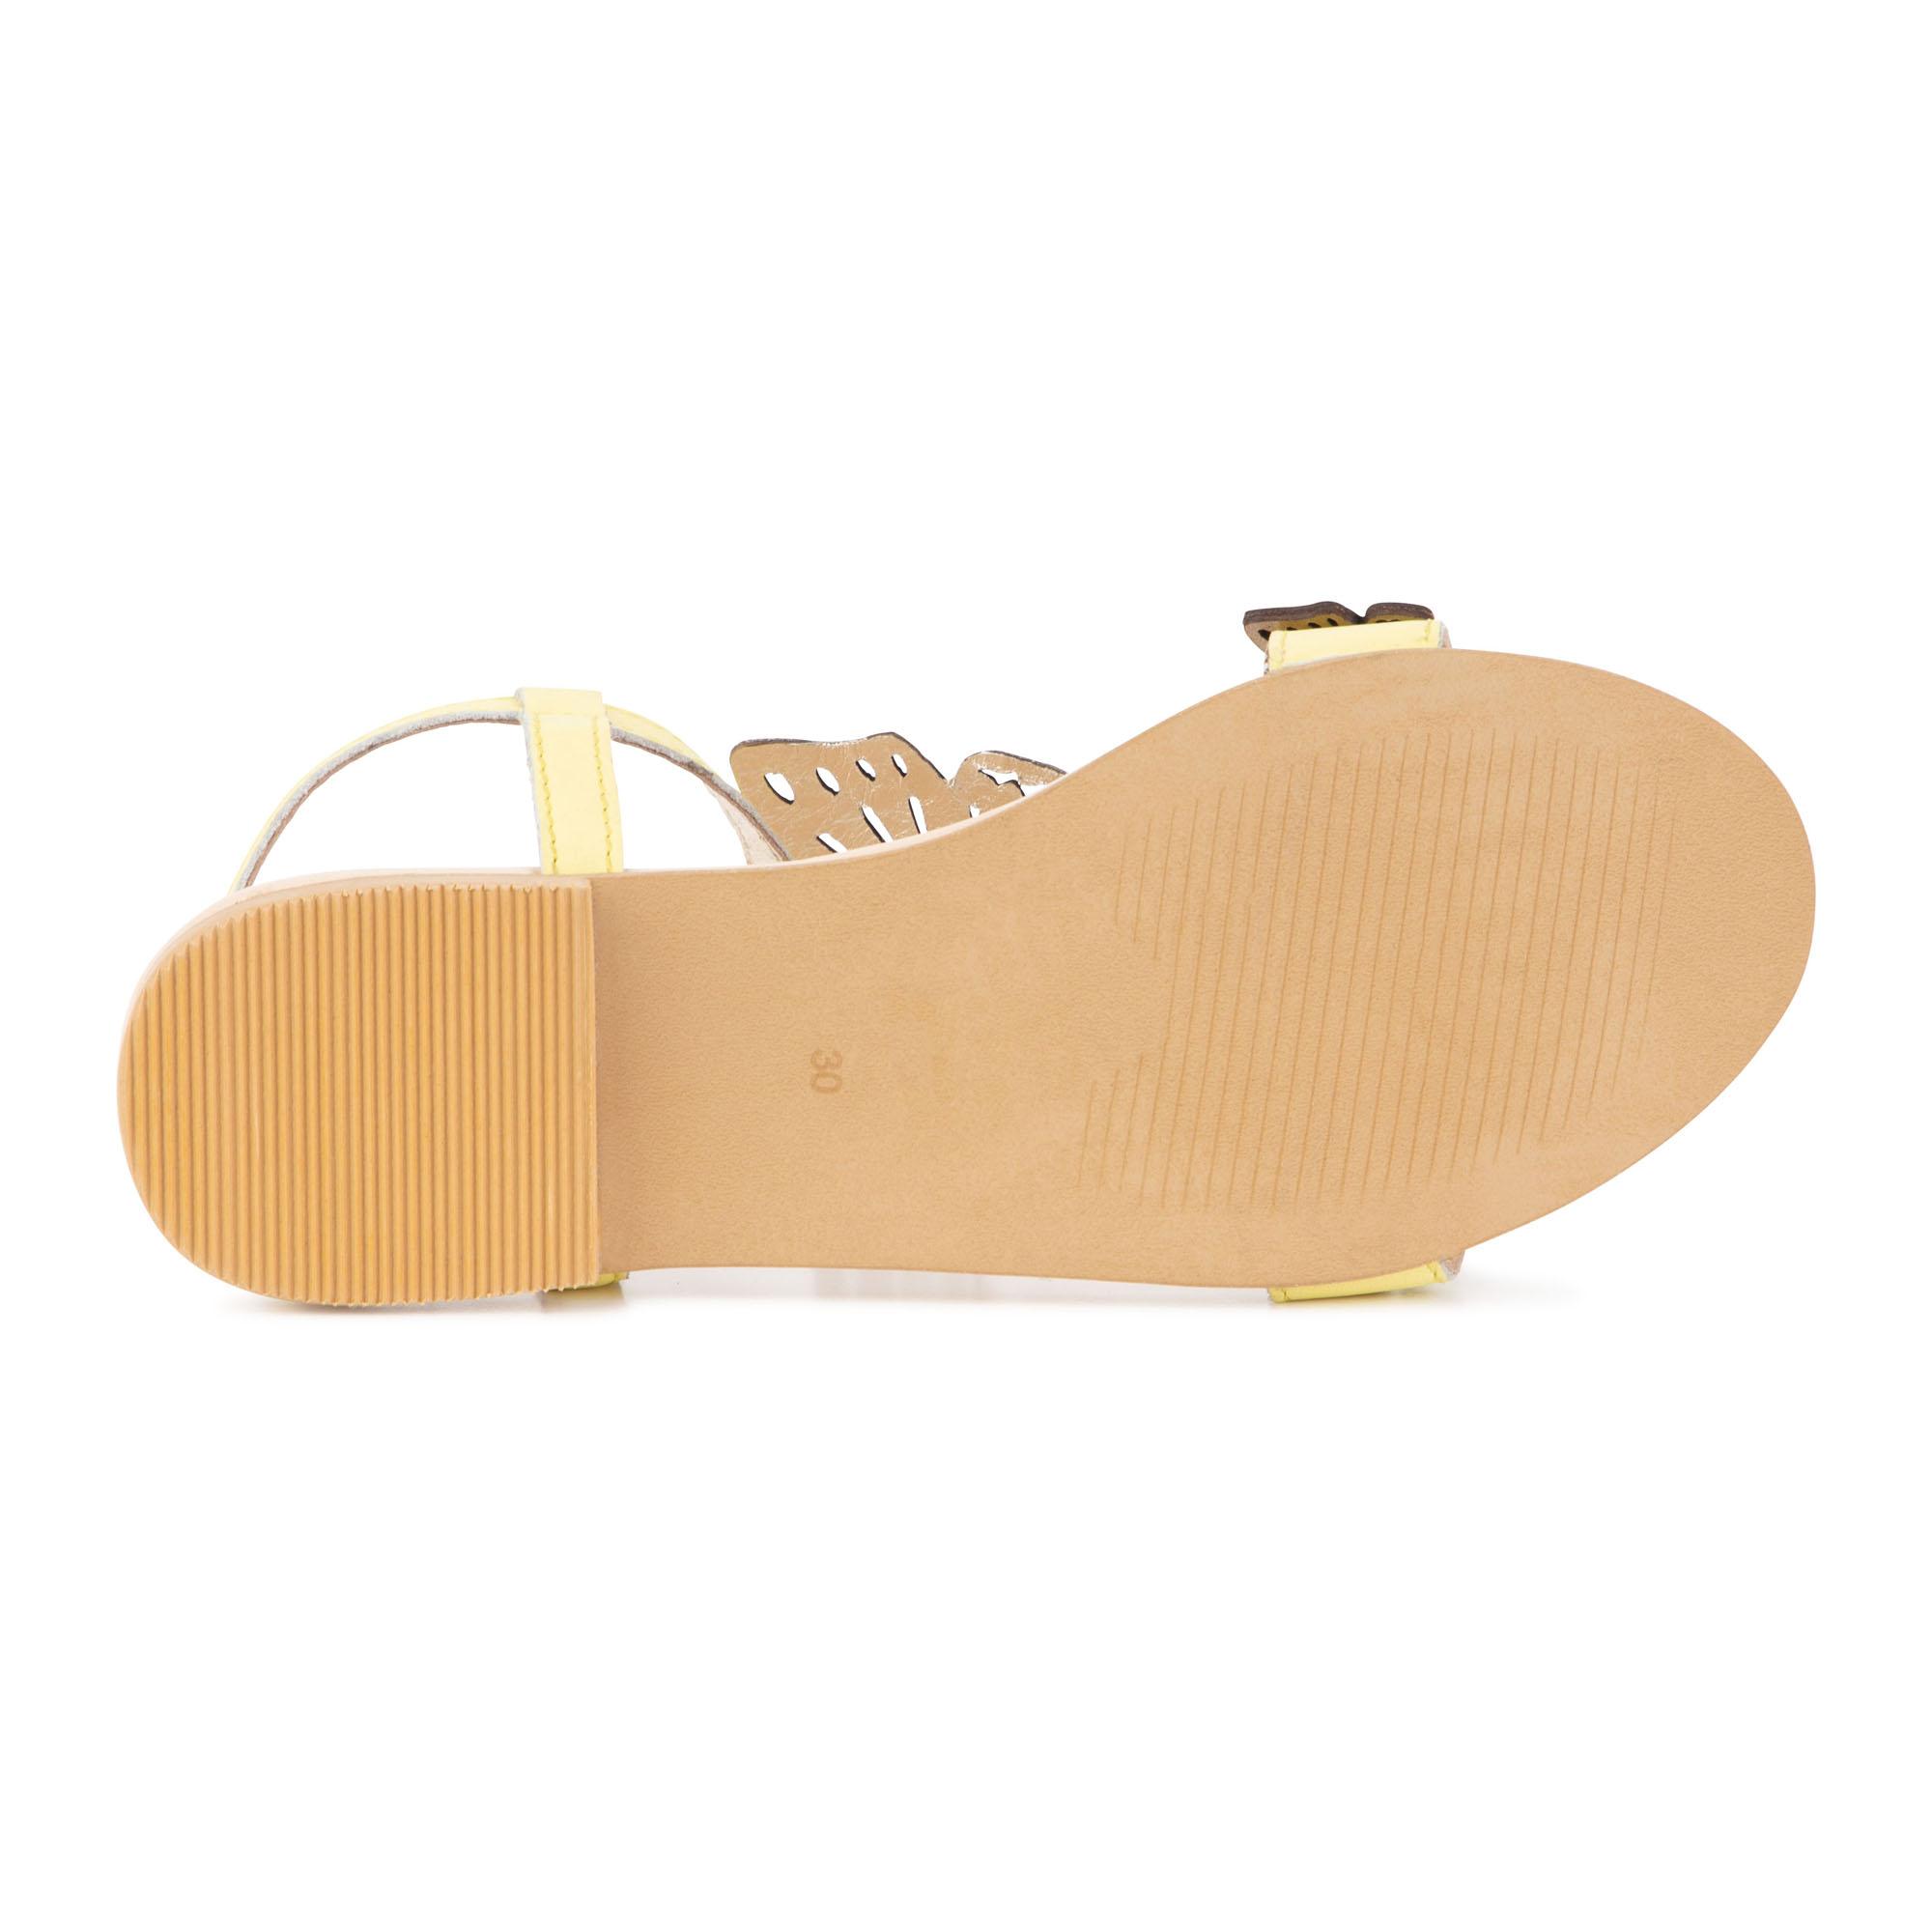 Sandales en cuir papillons à b CHARABIA pour FILLE